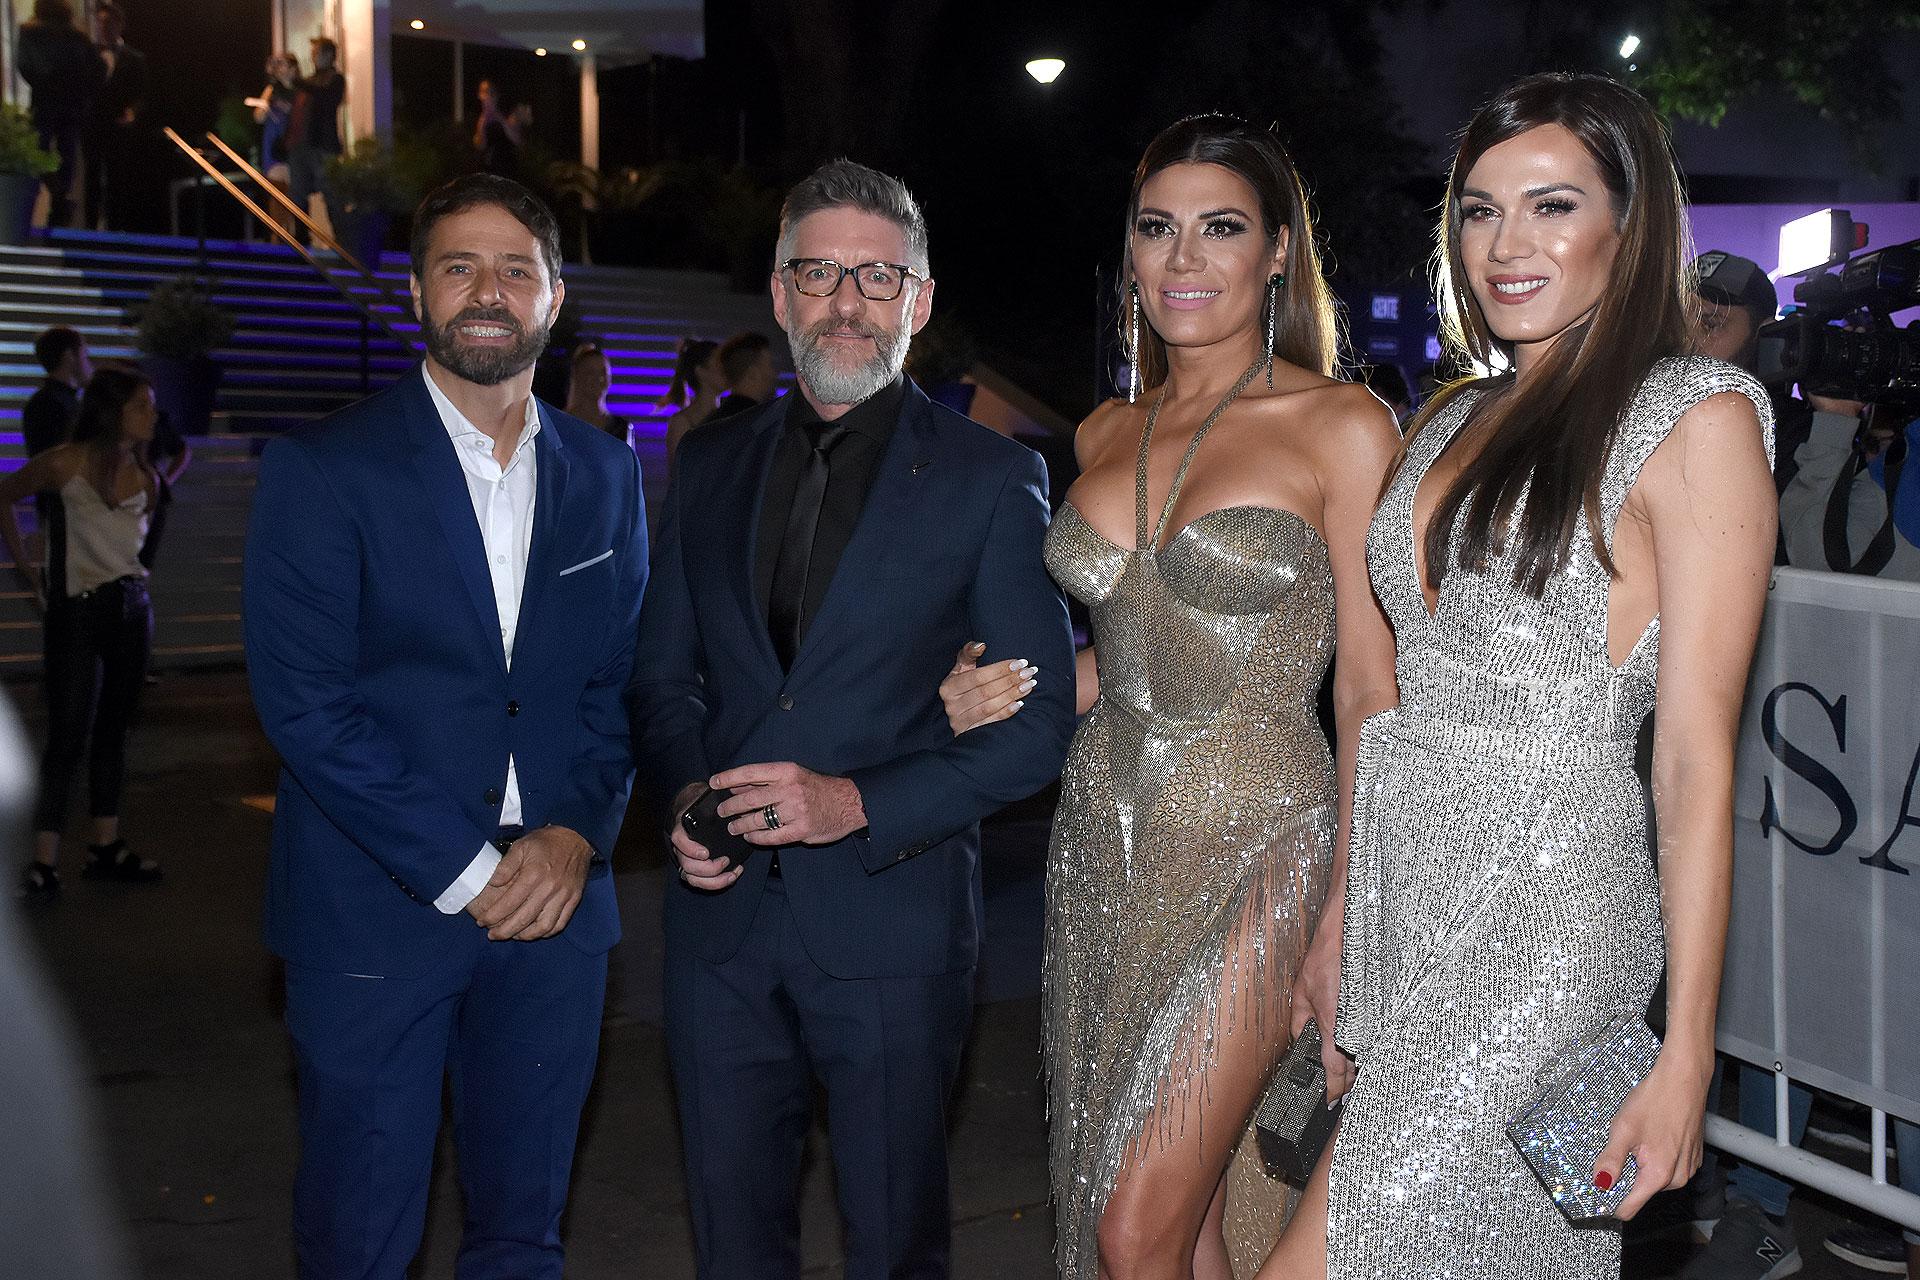 Luis Novaresio junto a su pareja Braulio Bauab, Flor de la Ve y Mariana Genesio Peña